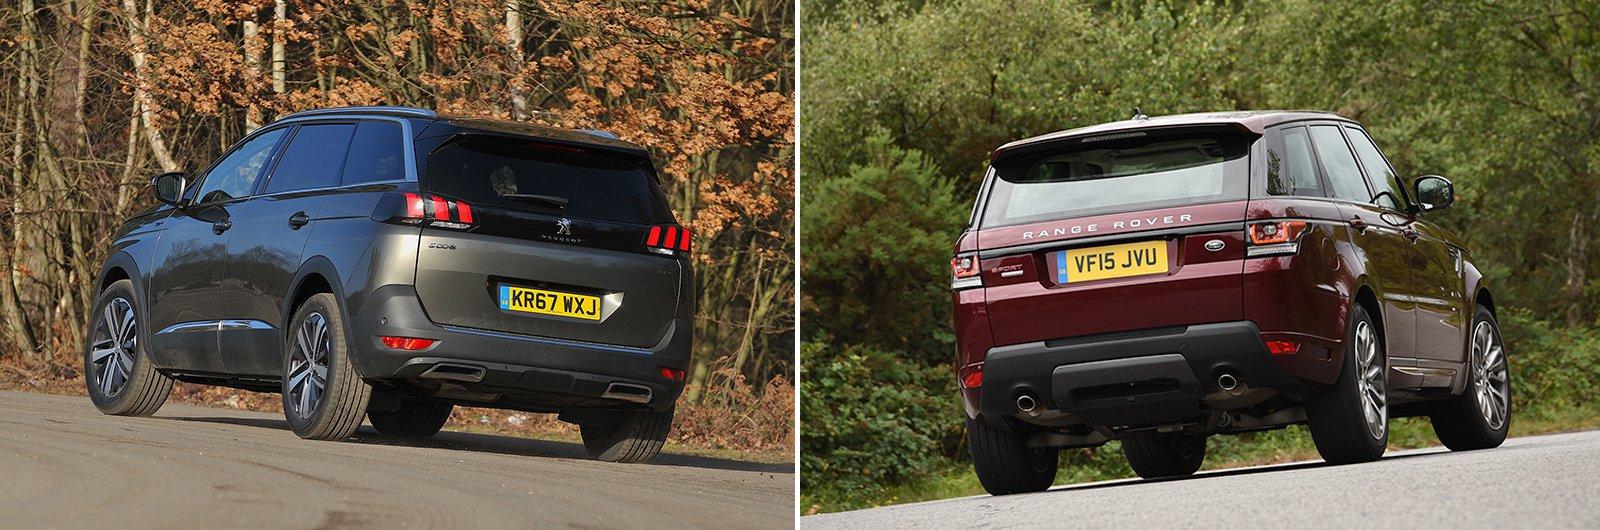 New Peugeot 5008 vs used Range Rover Sport